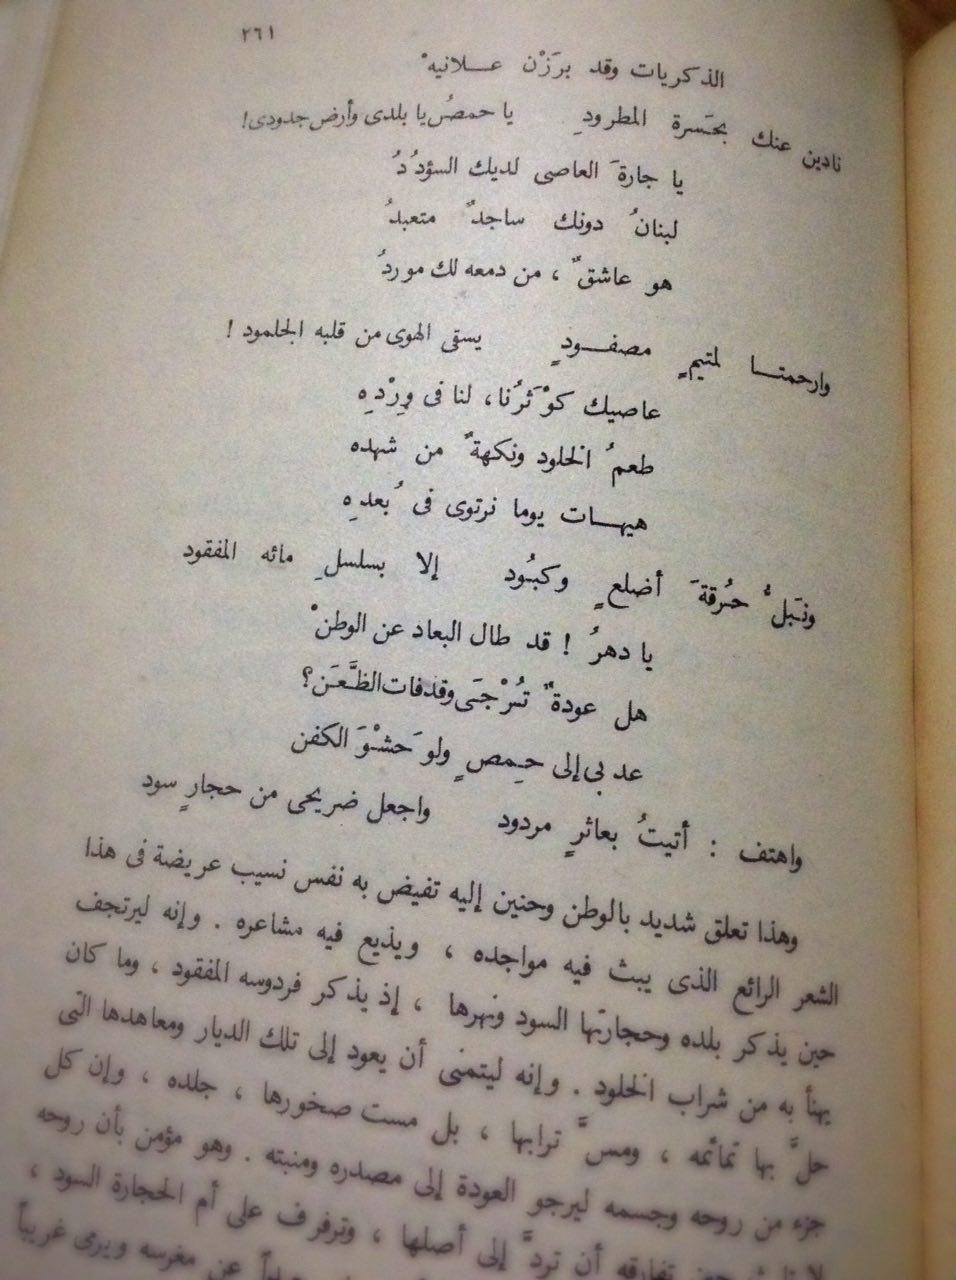 رائعة نسيب عريضة من أجمل قصائد الحنين في اللغة العربية أم الحجار السود 2 Math Personalized Items